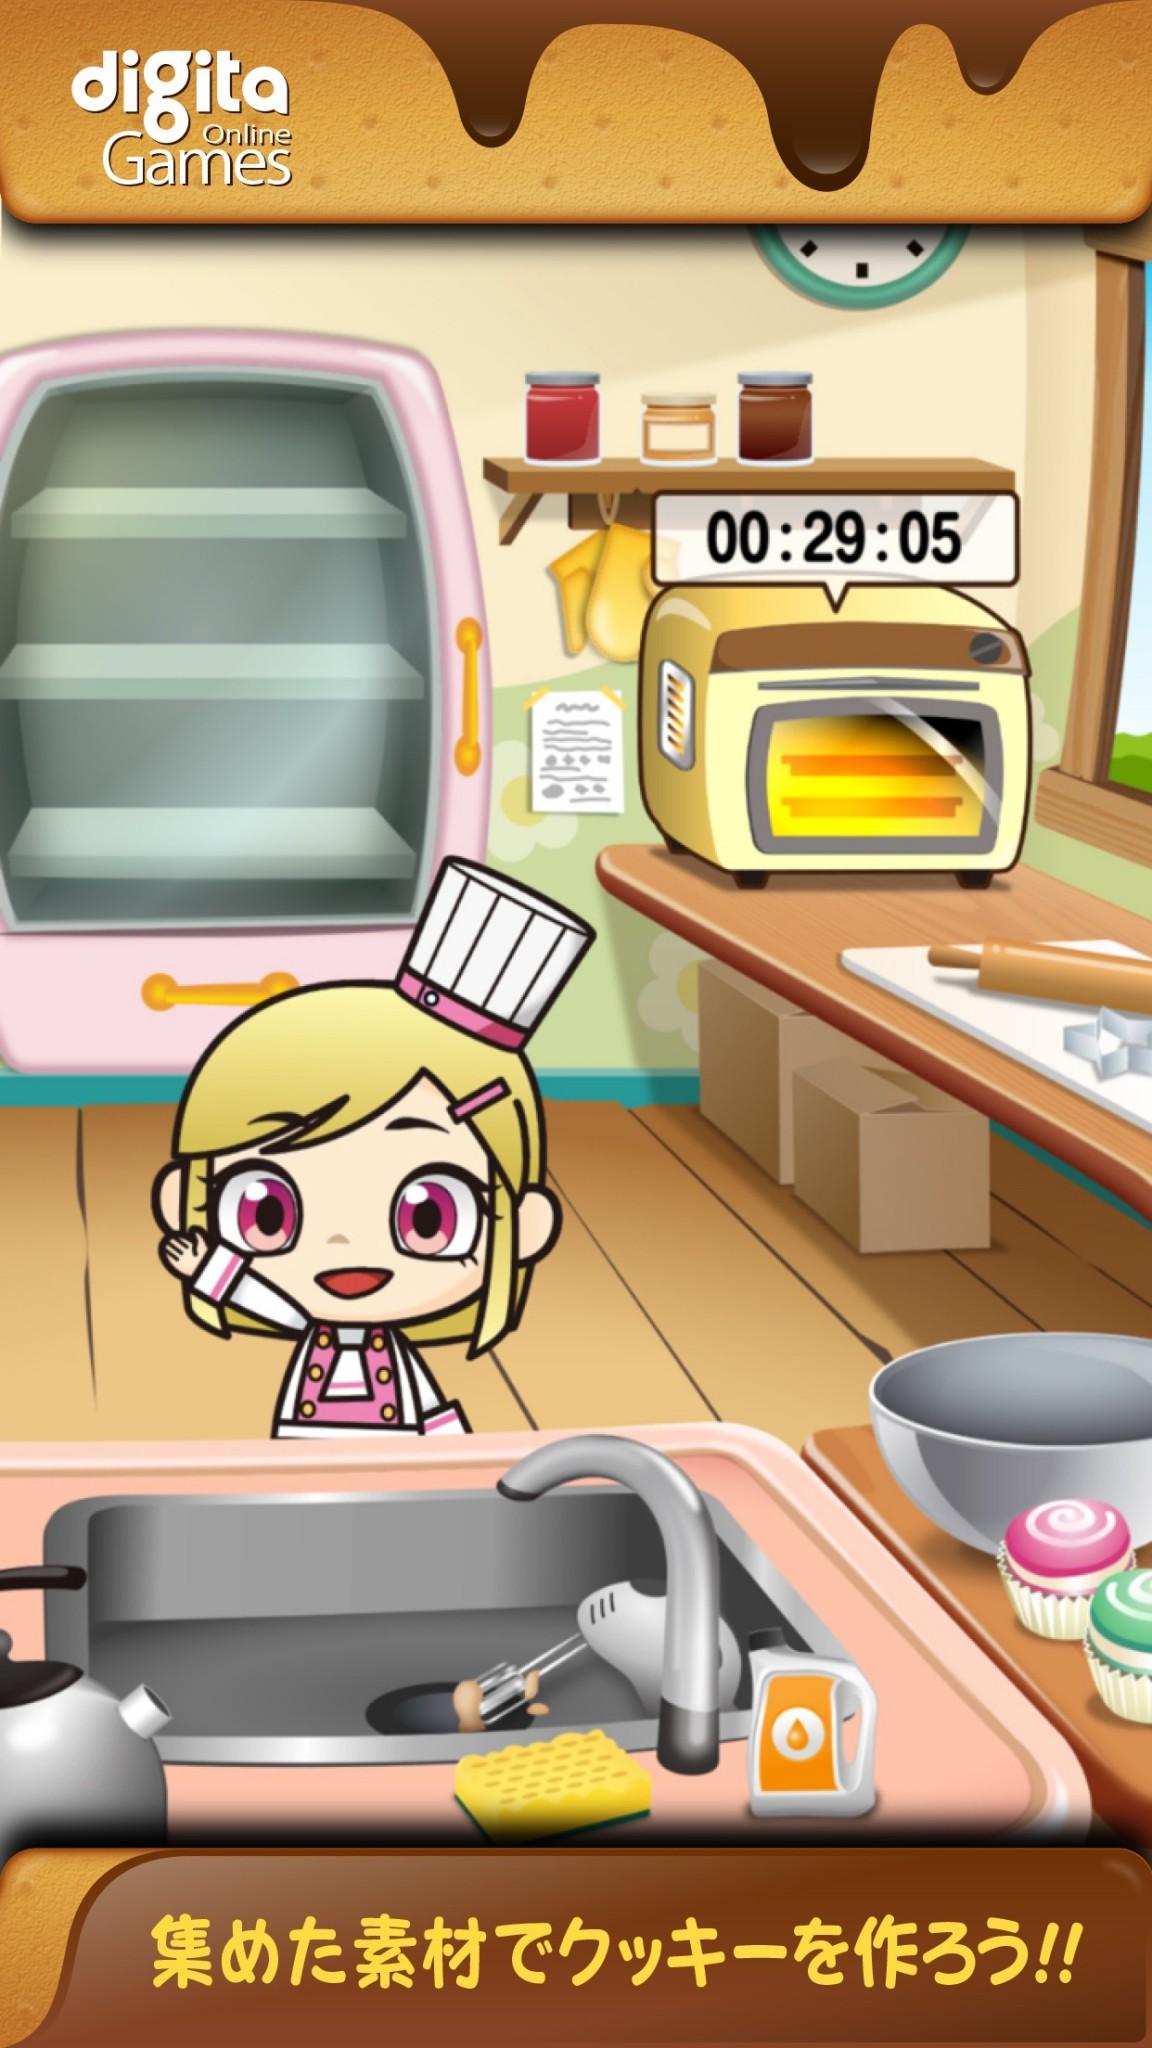 繋げるパズルゲーム『クッキールート』の配信が開始!